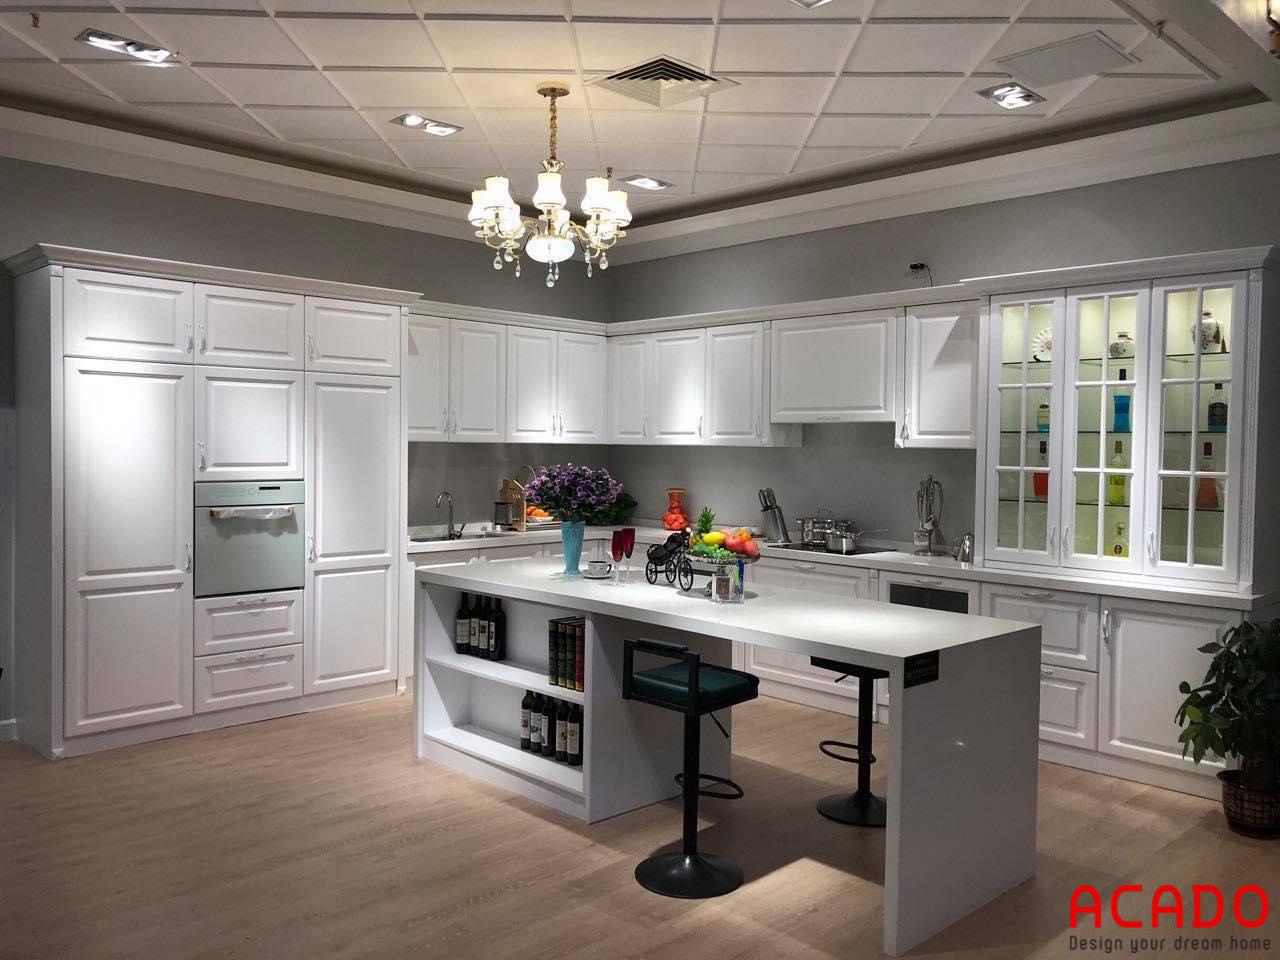 Bộ tủ bếp gỗ công nghiệp sơn trắng mang vẻ đẹp tân cổ điển sang trọng, tinh tế